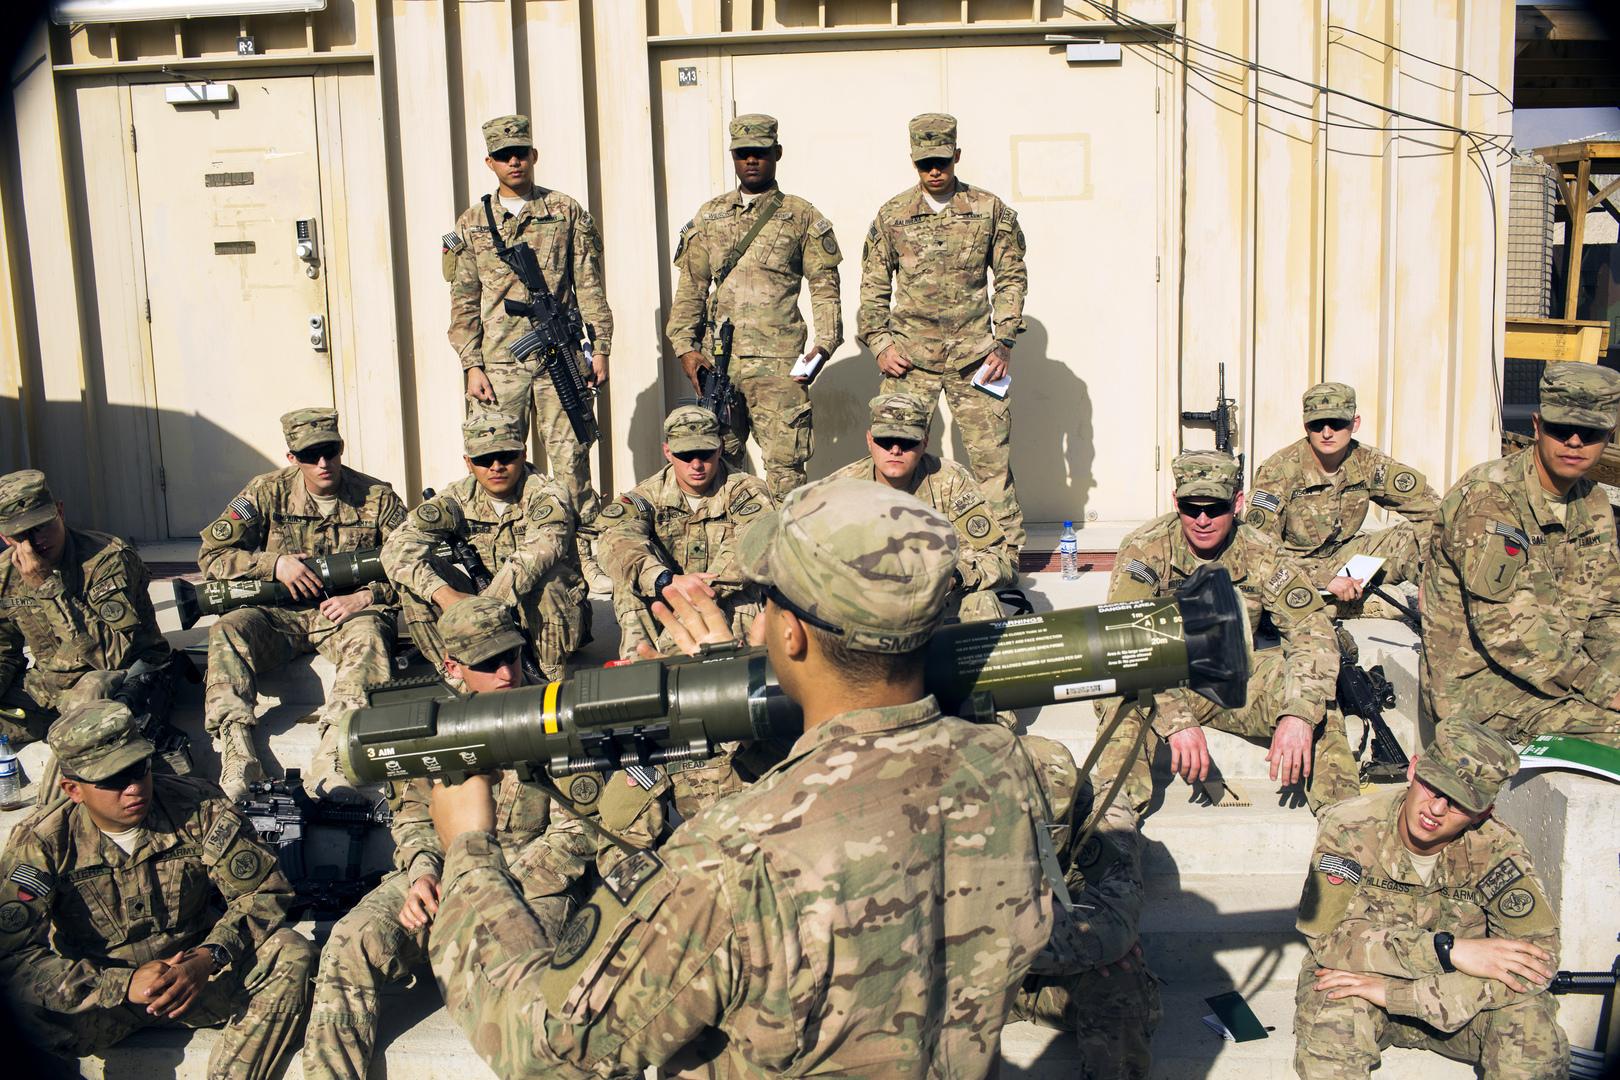 الجيش الأمريكي يعلن أنه أكمل أكثر من 90% من عملية انسحابه من أفغانستان